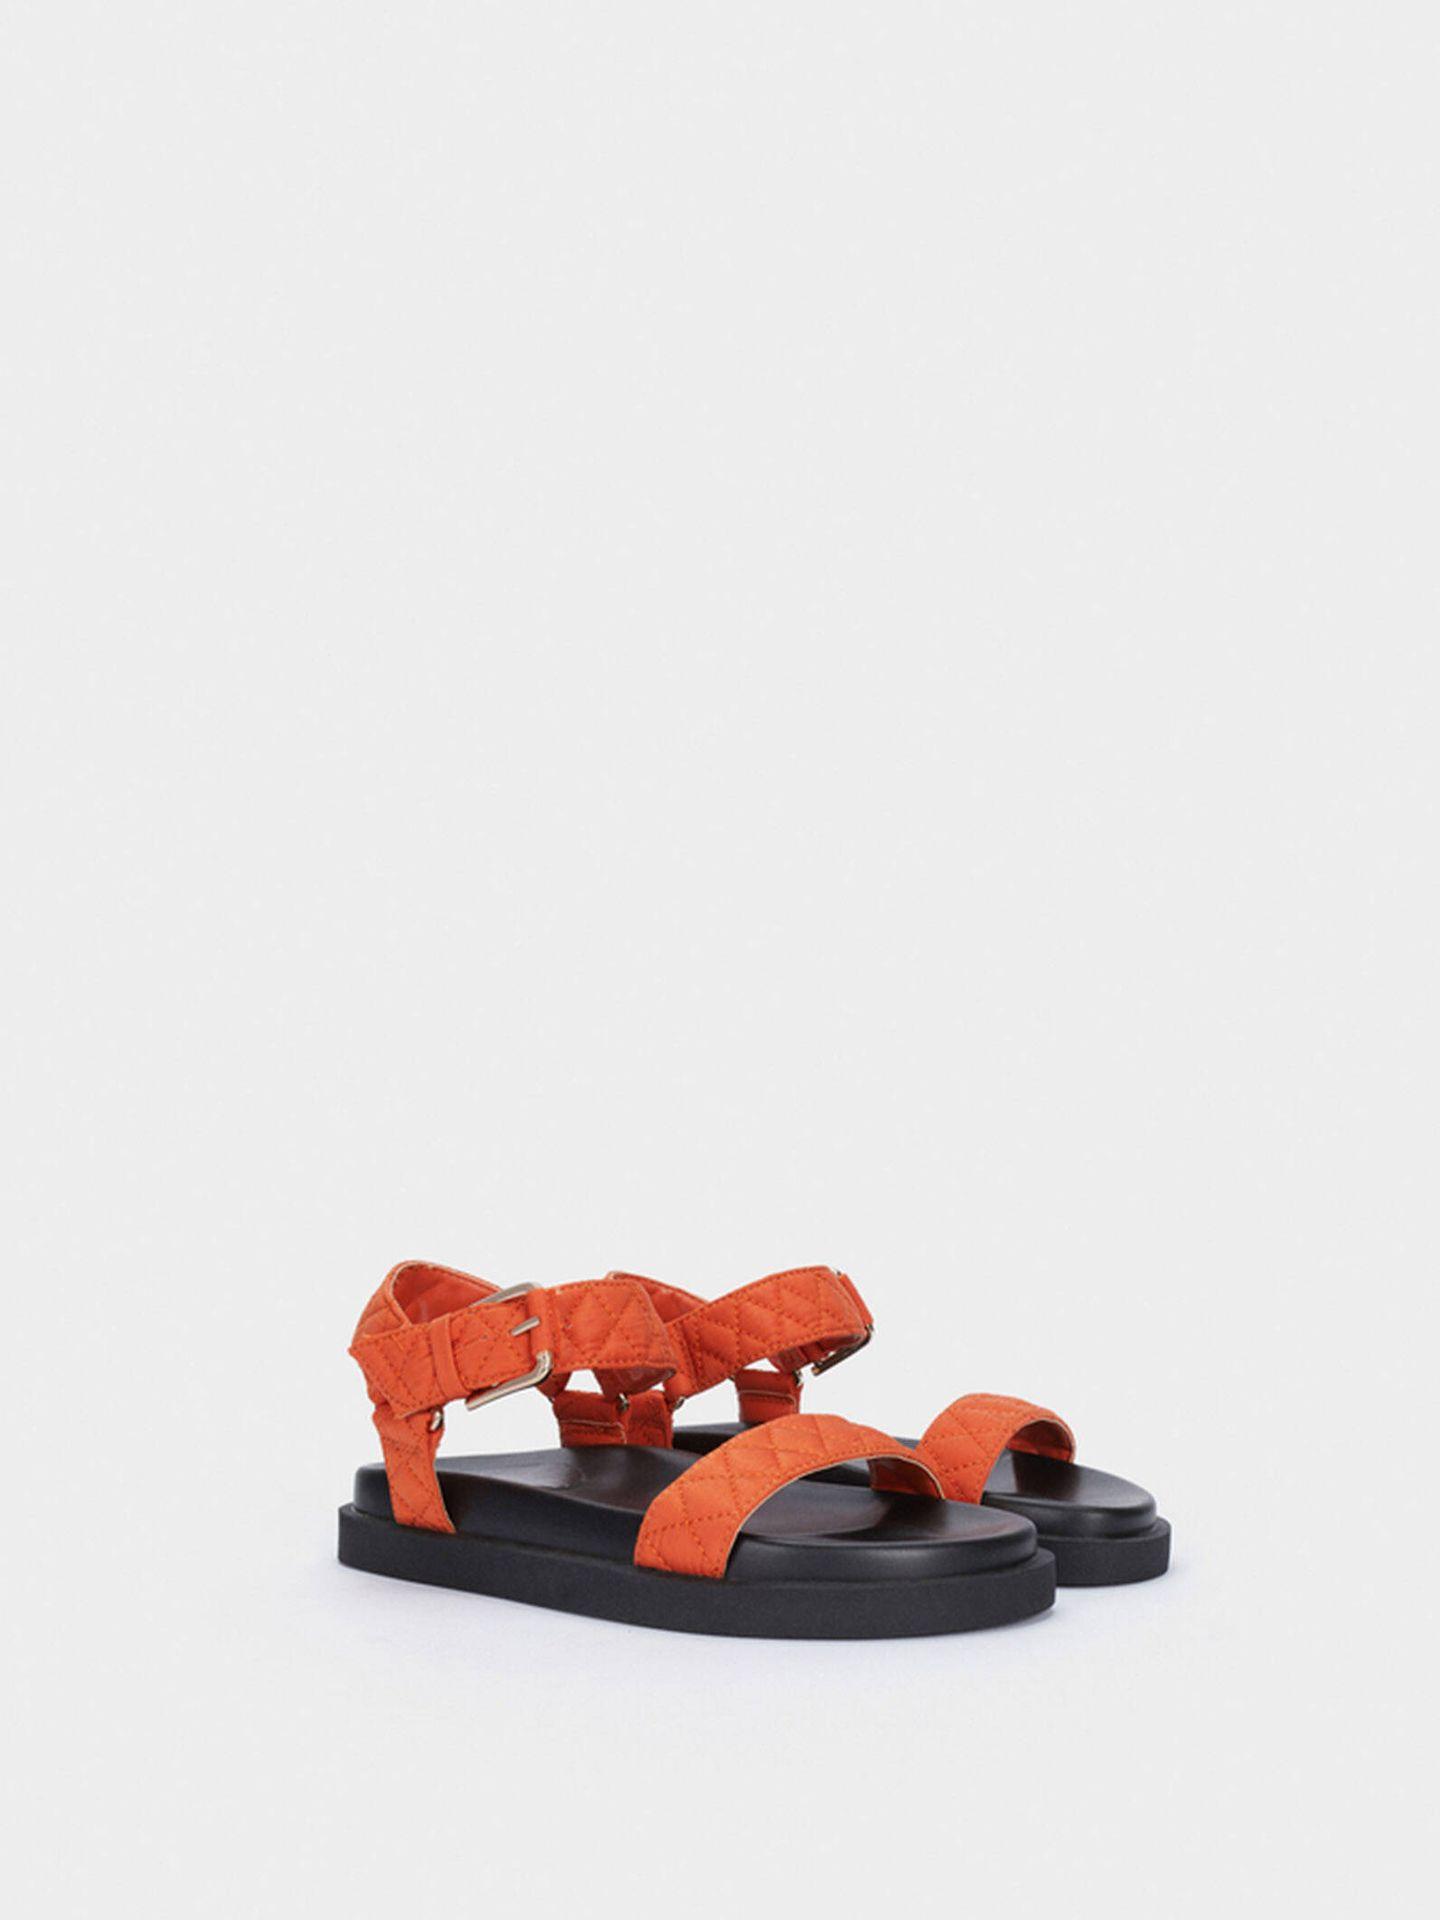 Sandalias bicolor y cómodas de Parfois. (Cortesía)